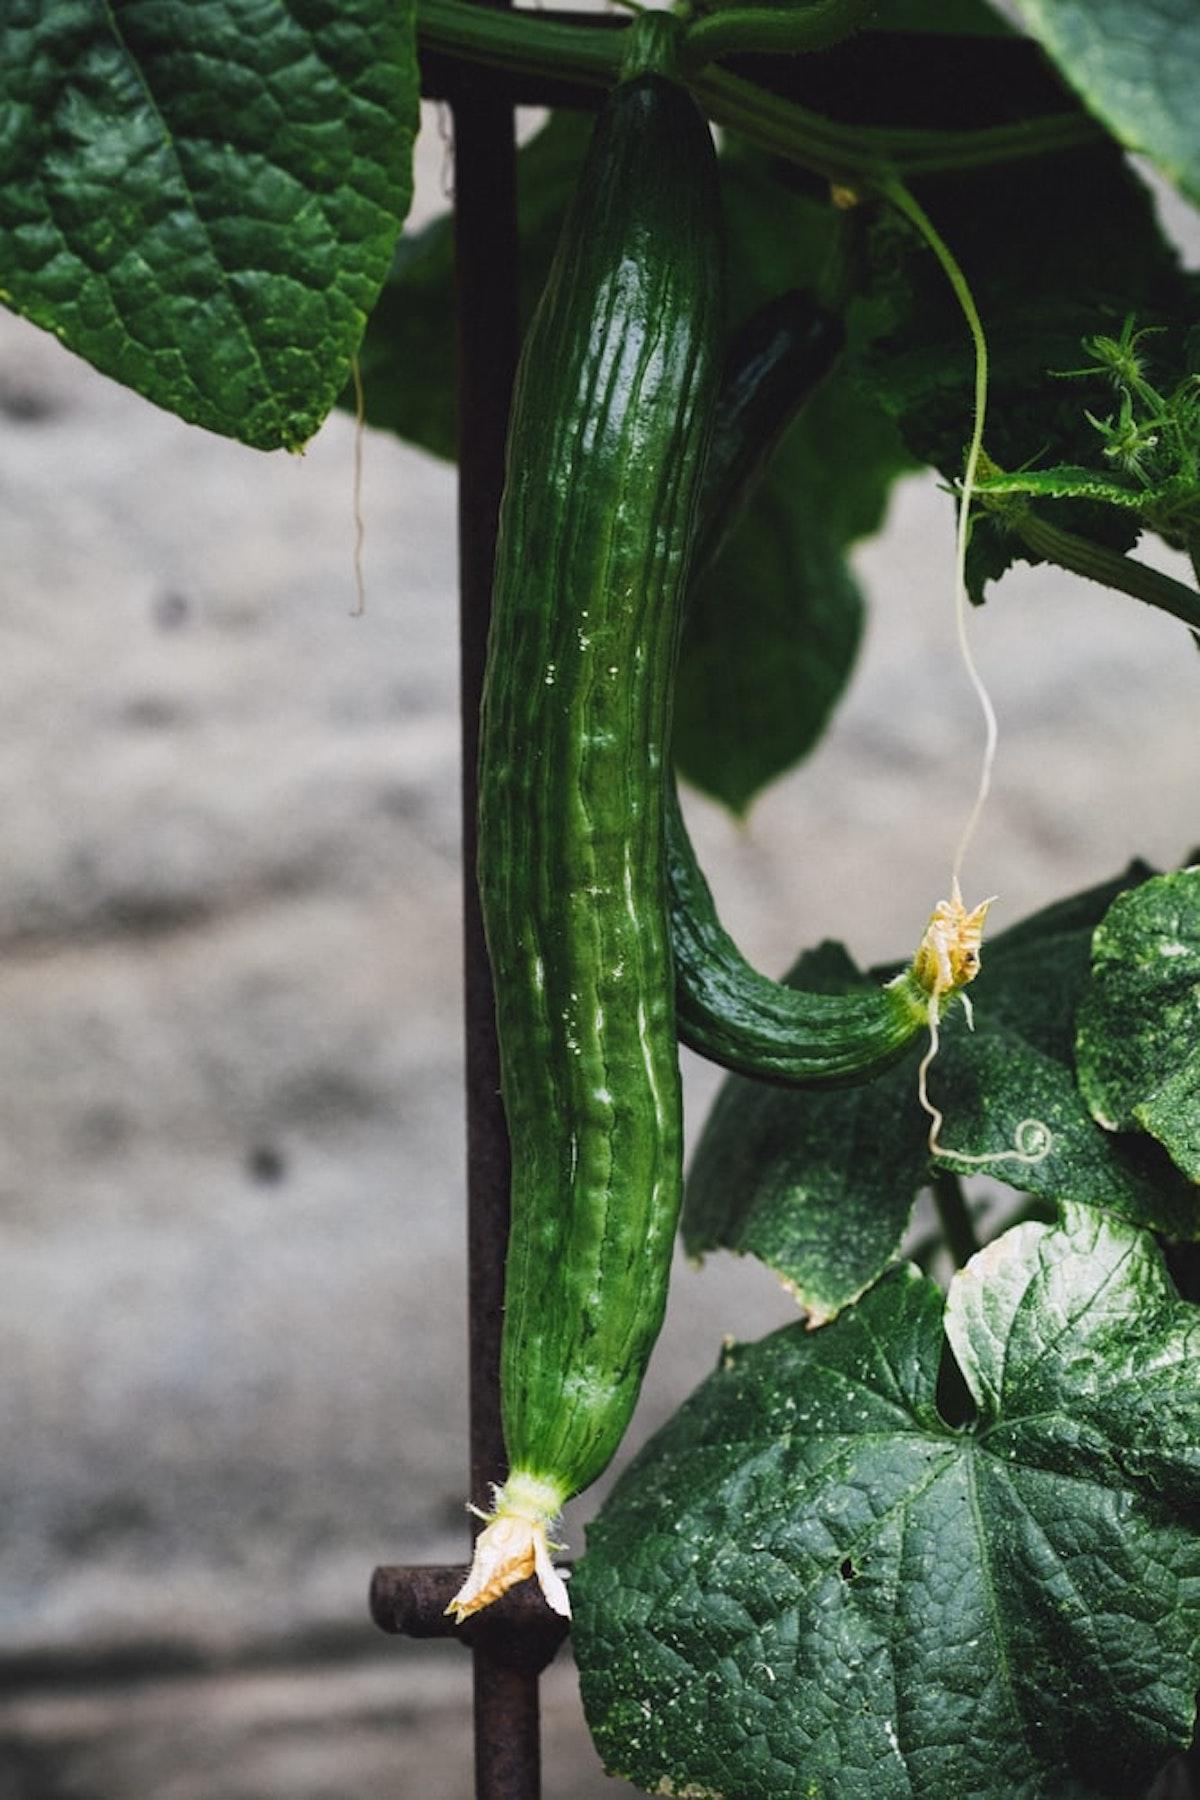 cucurbitacé concombre potager légume semer planter - clematc